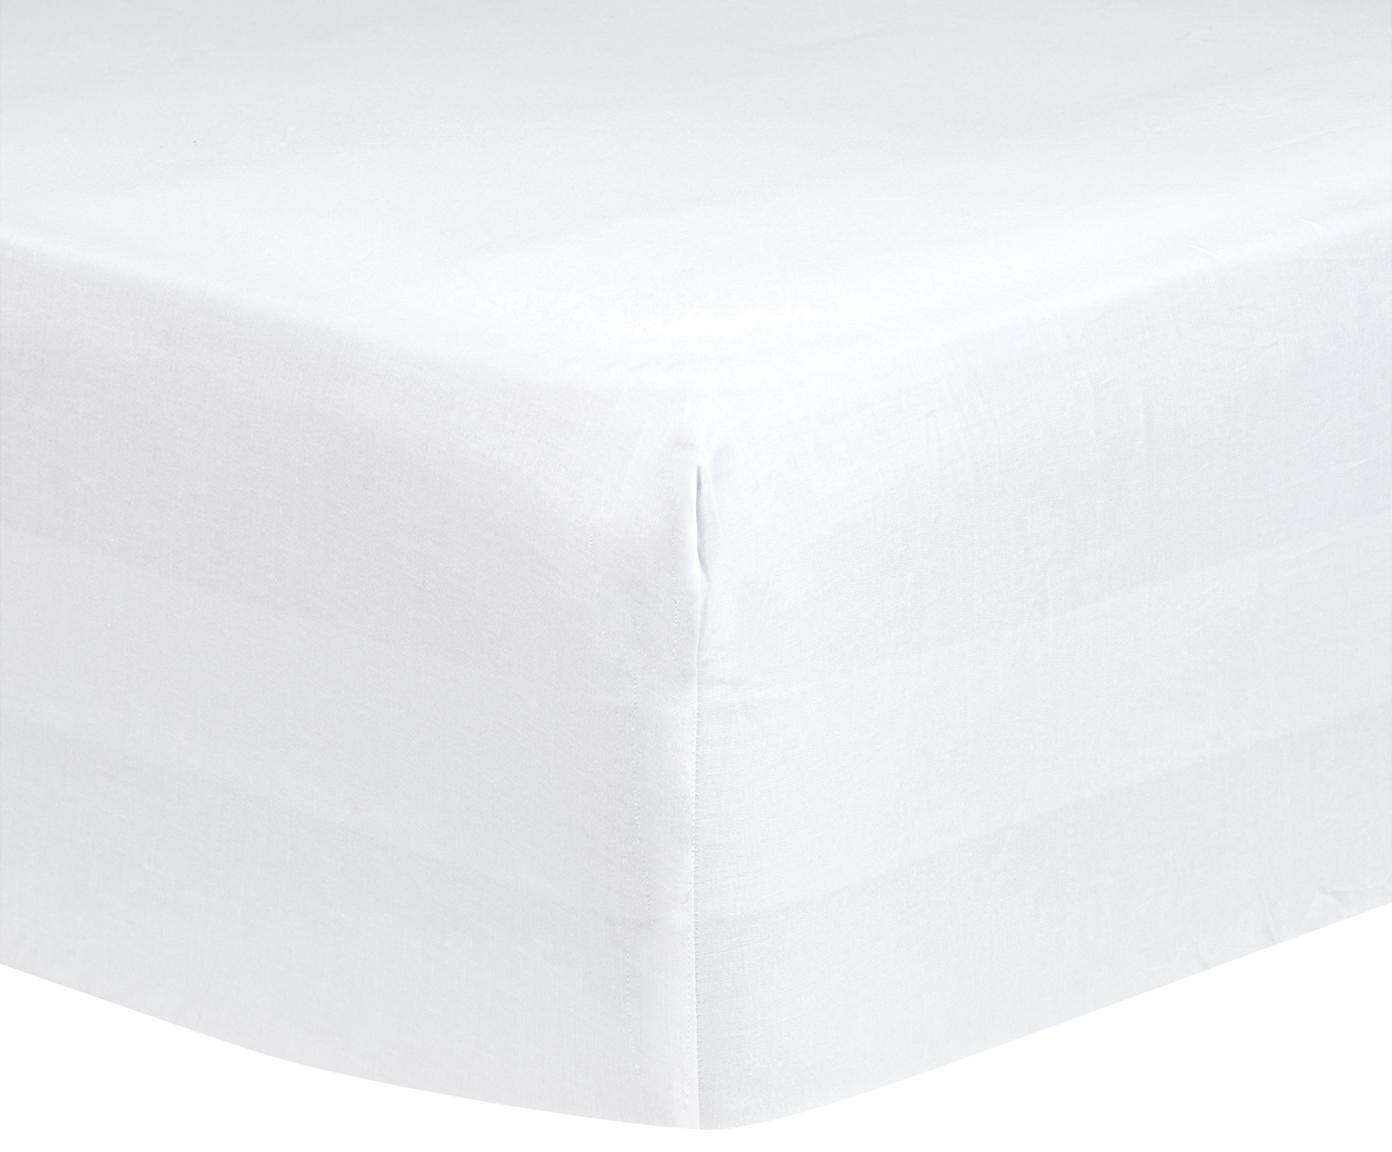 Prześcieradło z gumką z satyny bawełnianej Comfort, Biały, S 180 x D 200 cm